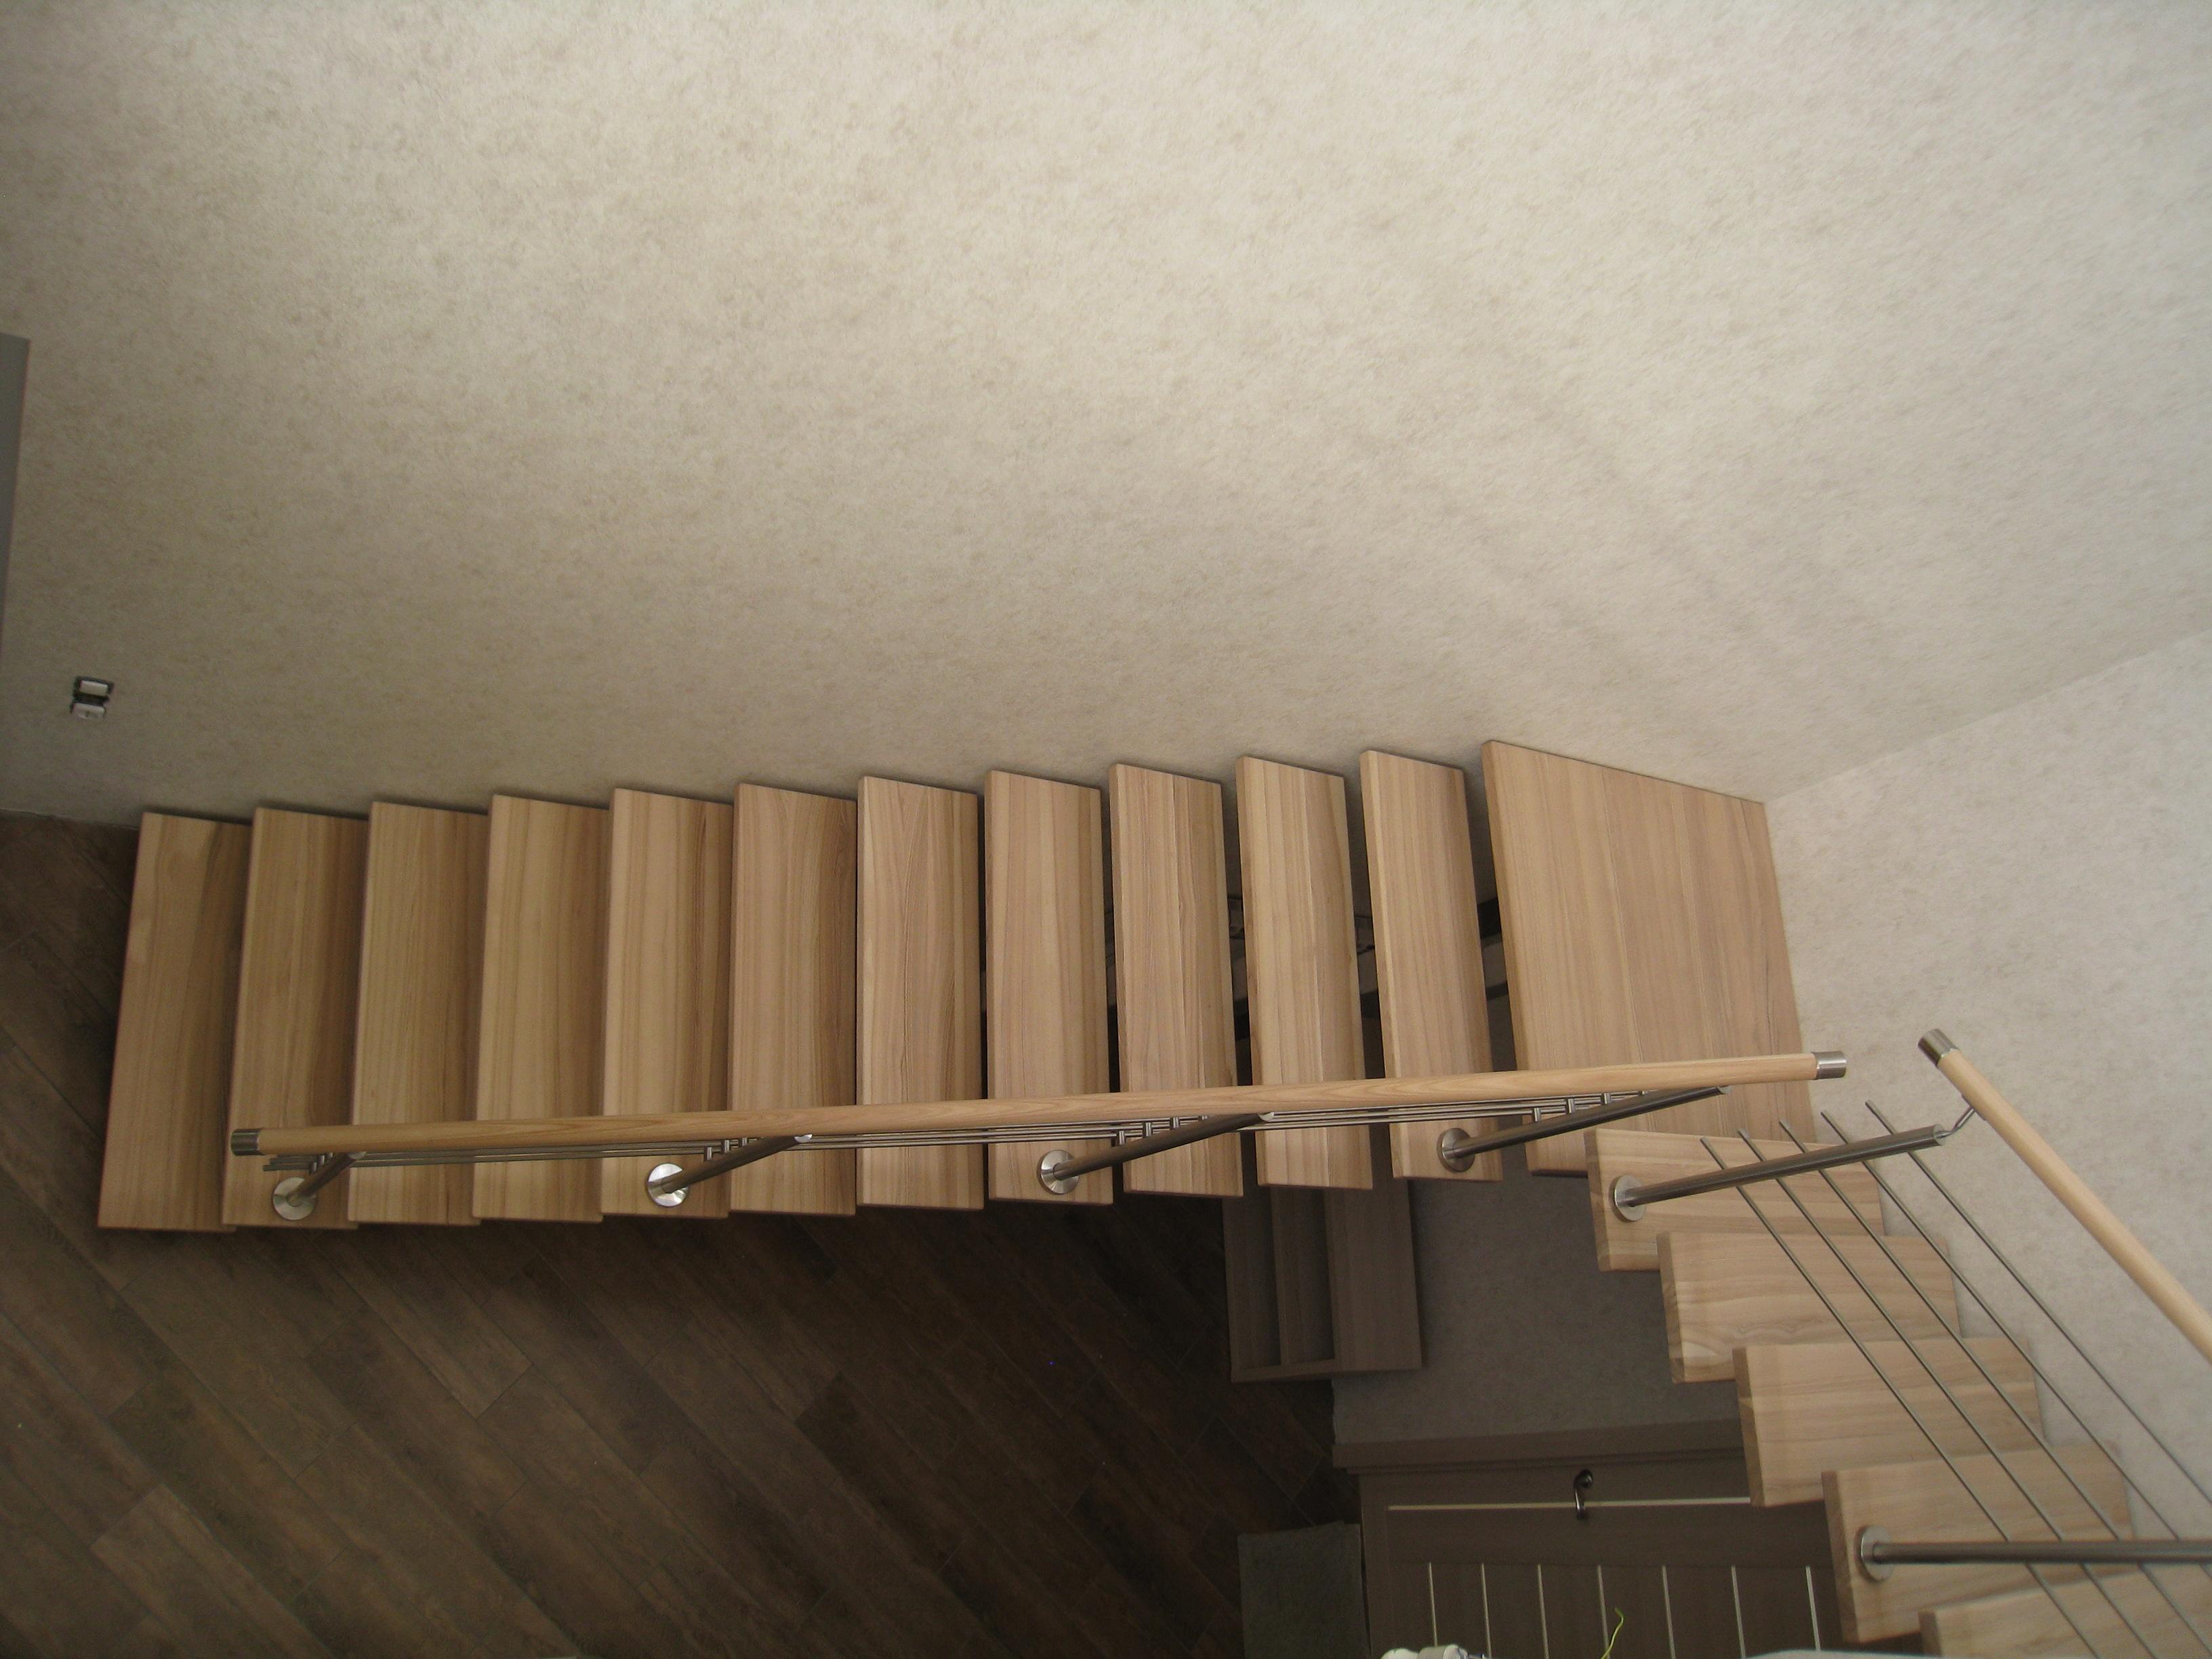 Лестница на центральном Г-образном металлокосоуре со степенями из массива ясеня